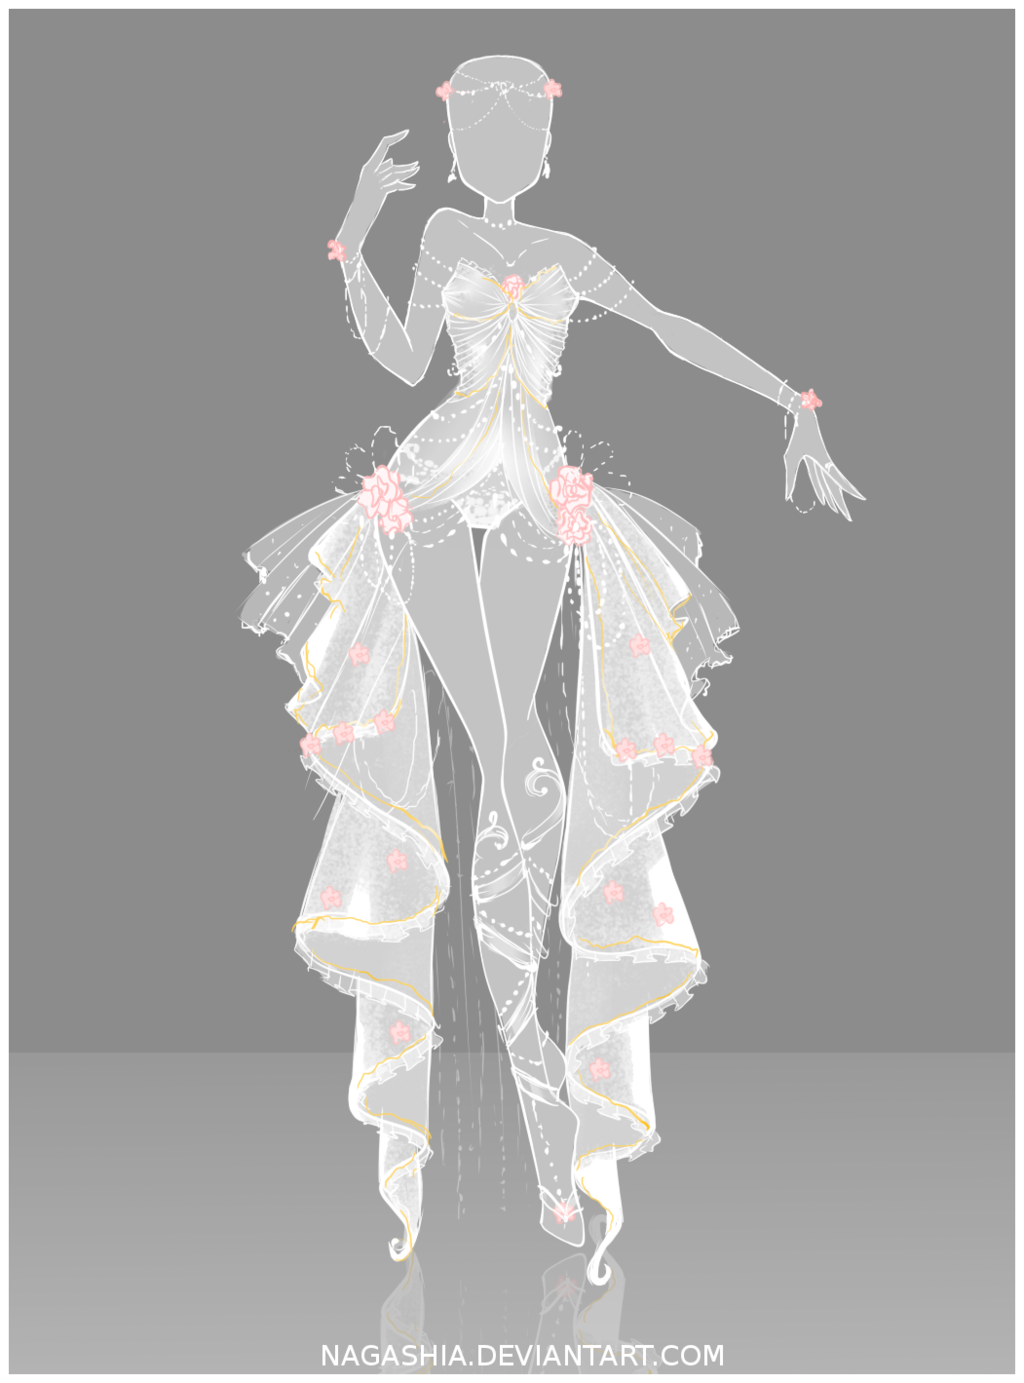 COM: SilverAngel907 outfit by Nagashia.deviantart.com on @DeviantArt